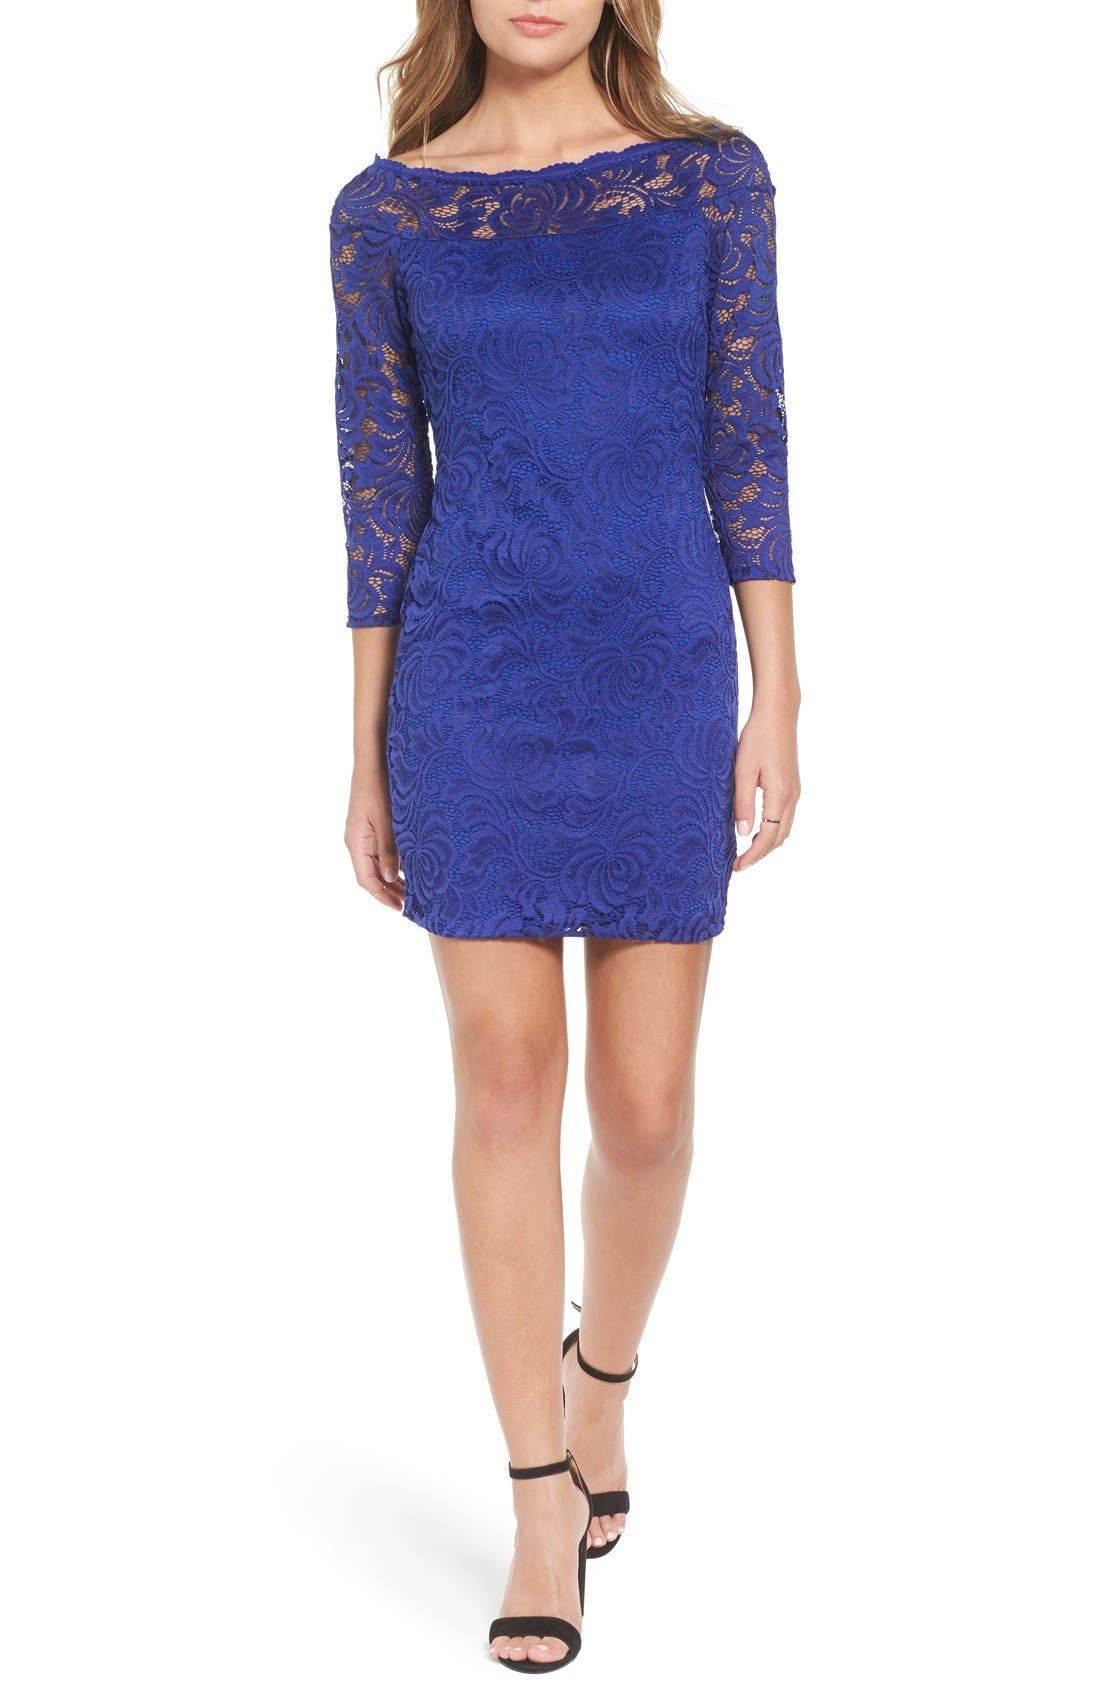 Alternate Image 1 Selected - Secret Charm Bateau Neck Lace Body-Con Dress